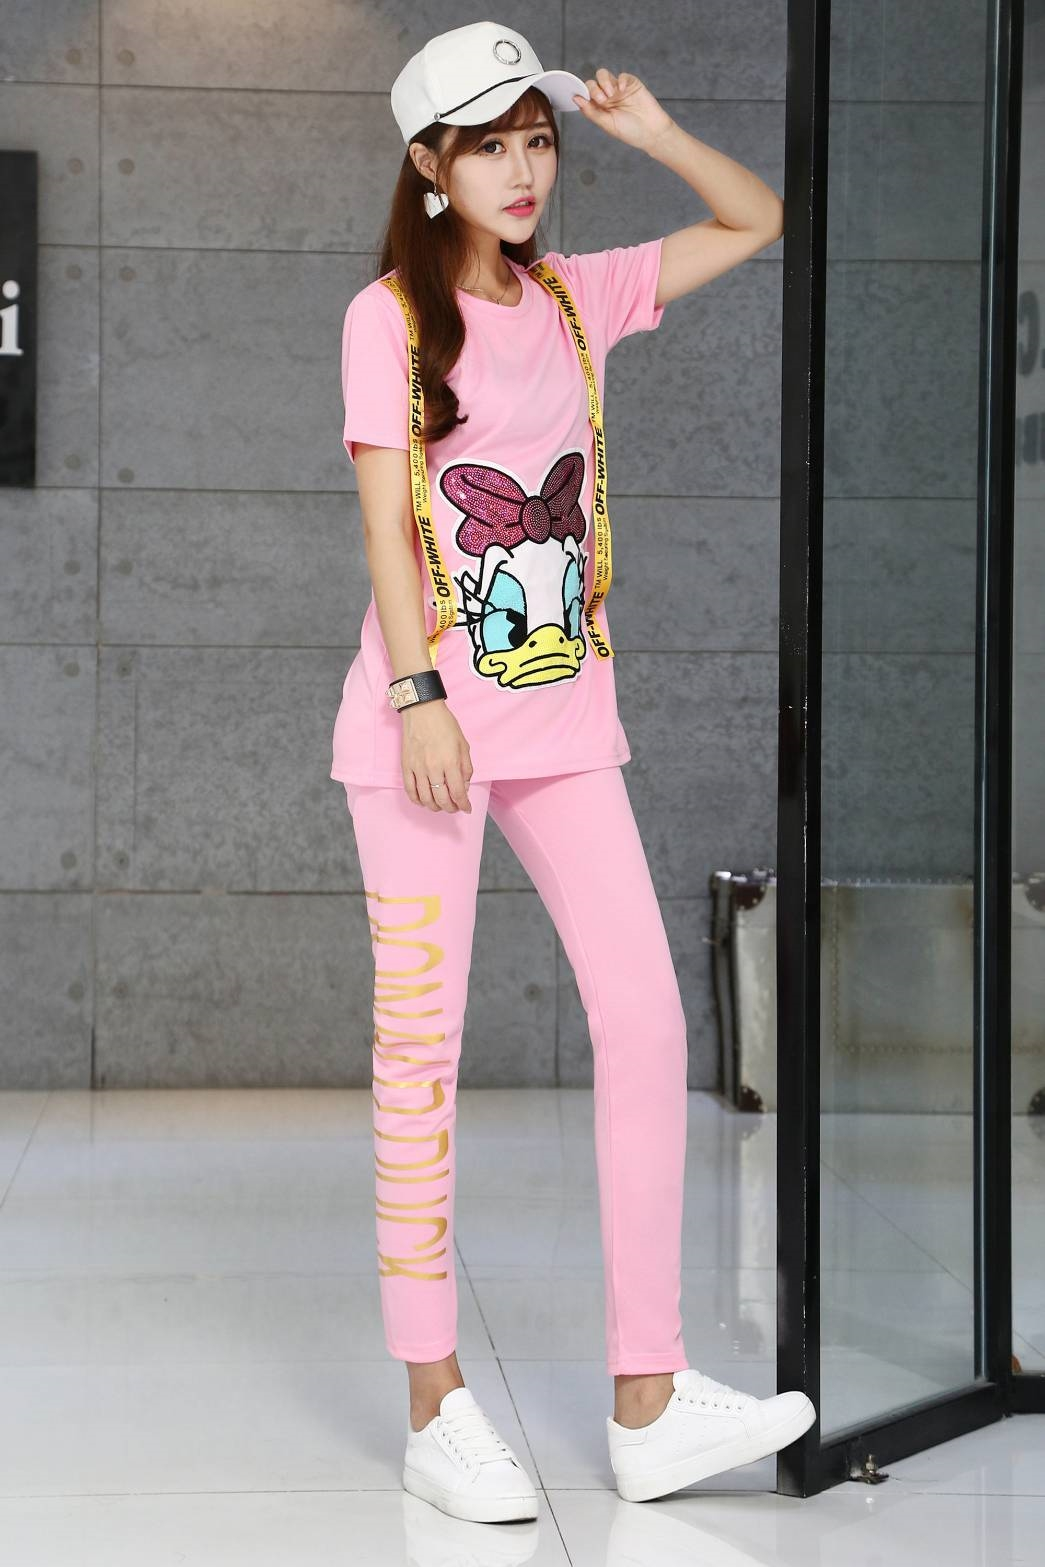 เสื้อผ้าเกาหลีพร้อมส่ง เซท มินิเดรส+กางเกงขาเดฟเข้าทรง